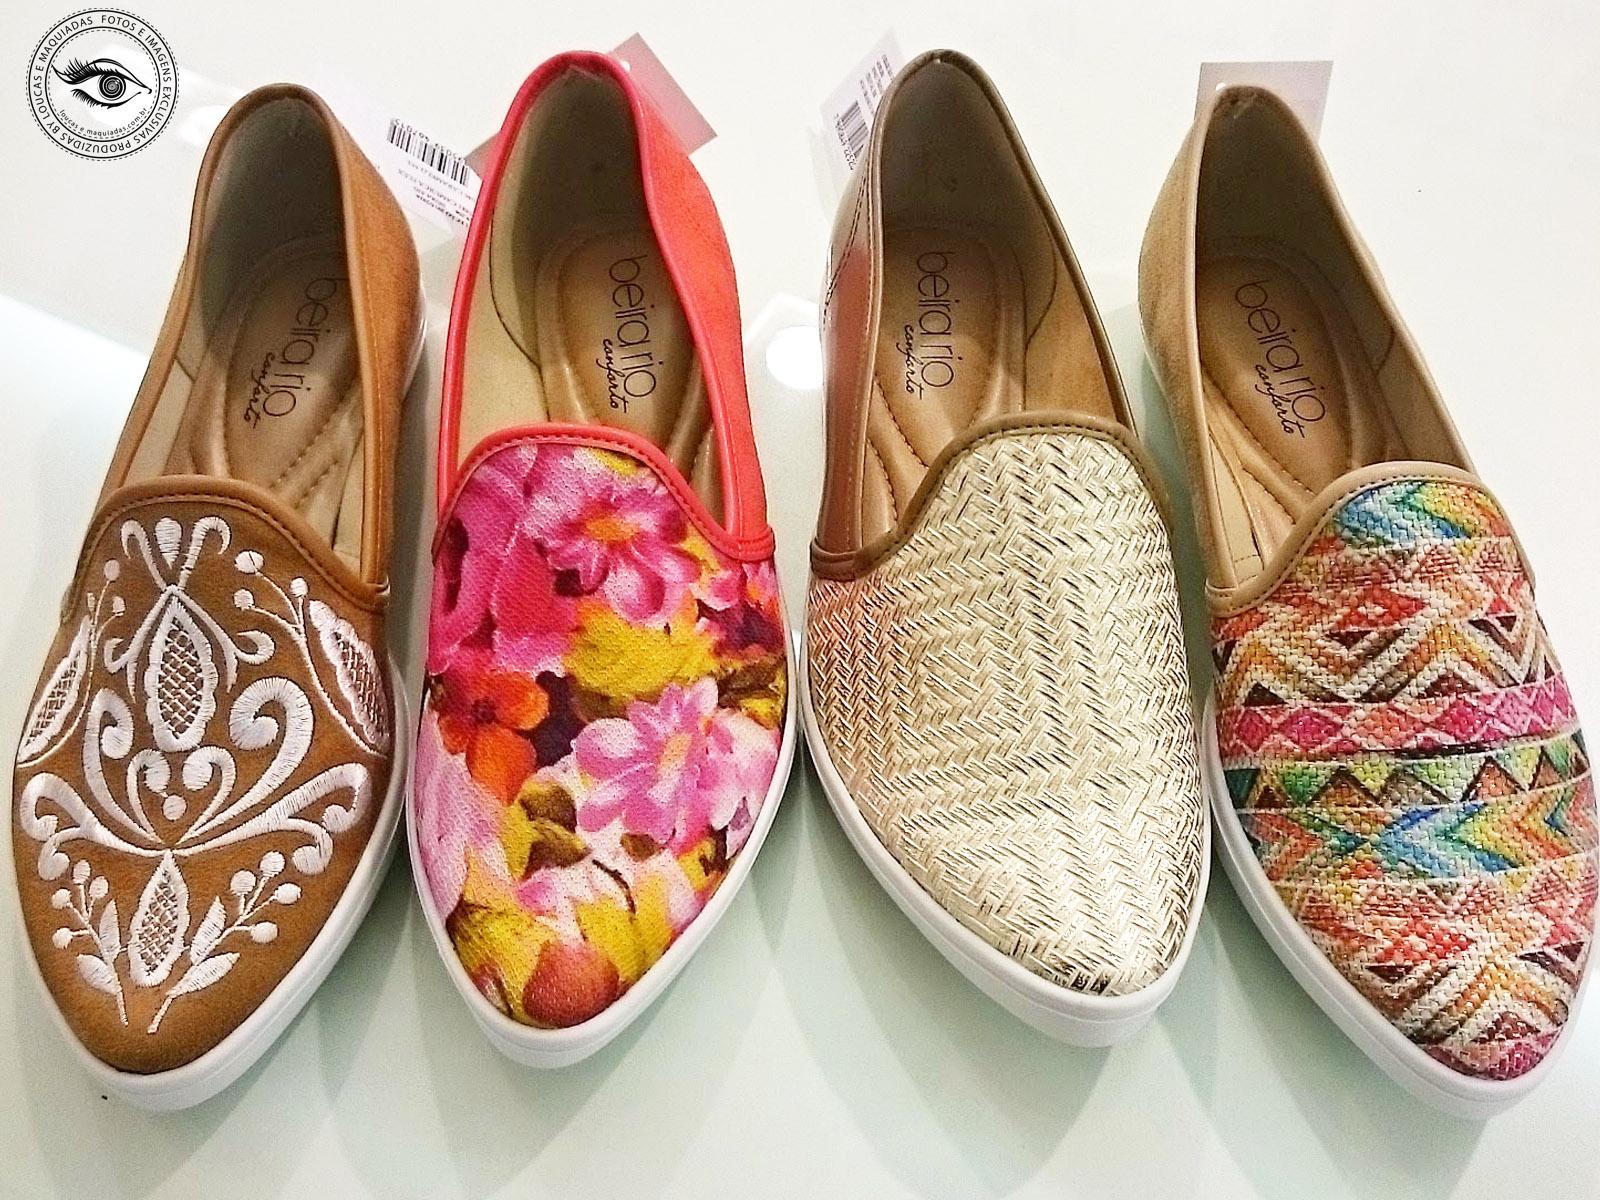 Sapatos beira rio moda 2016 l m preview cole 231 227 o primavera ver 227 o 2016 do grupo beira rio